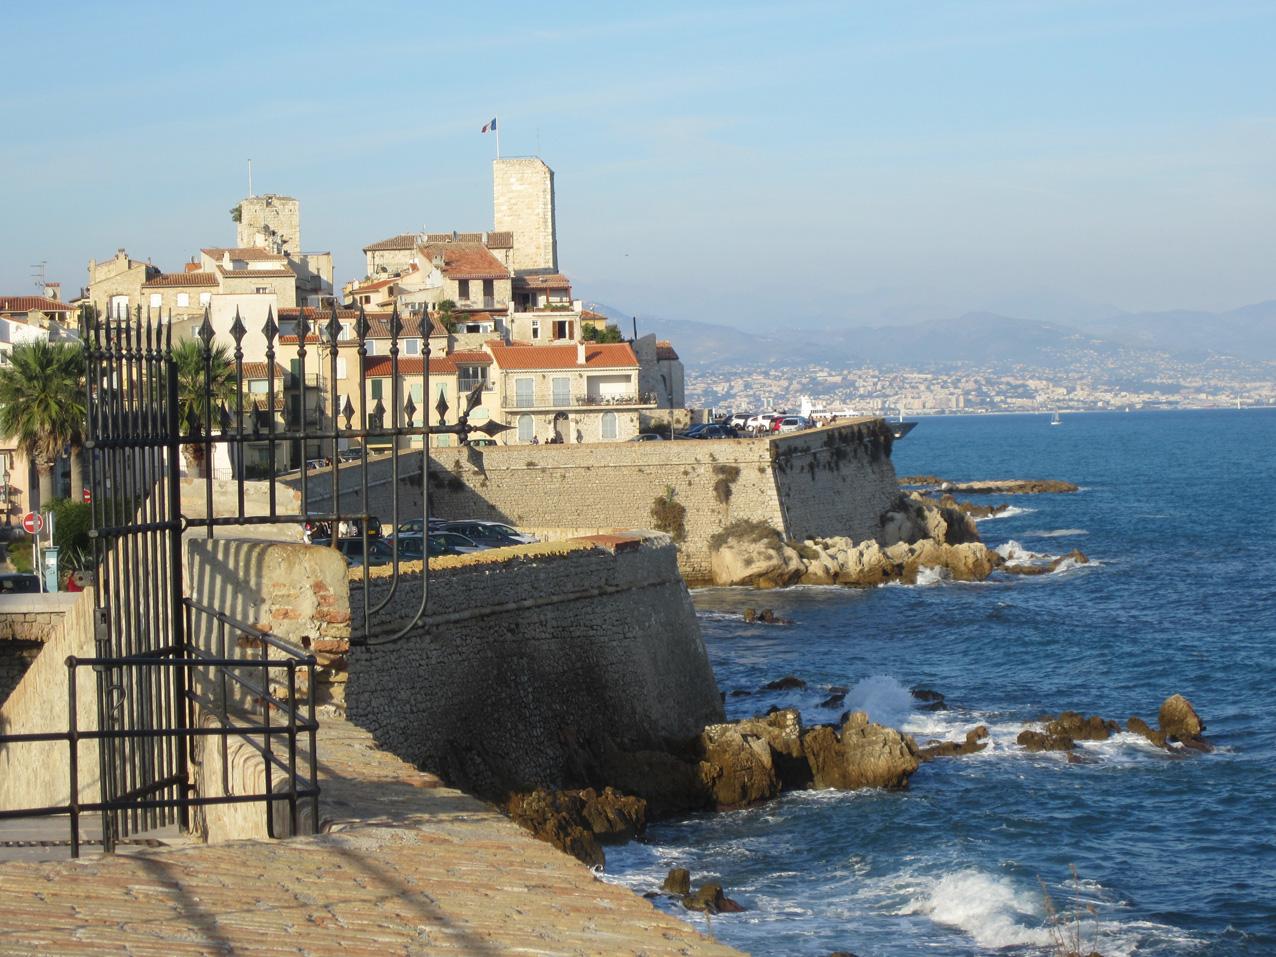 Chateau Grimaldi und der Blick auf den Golf von Nizza